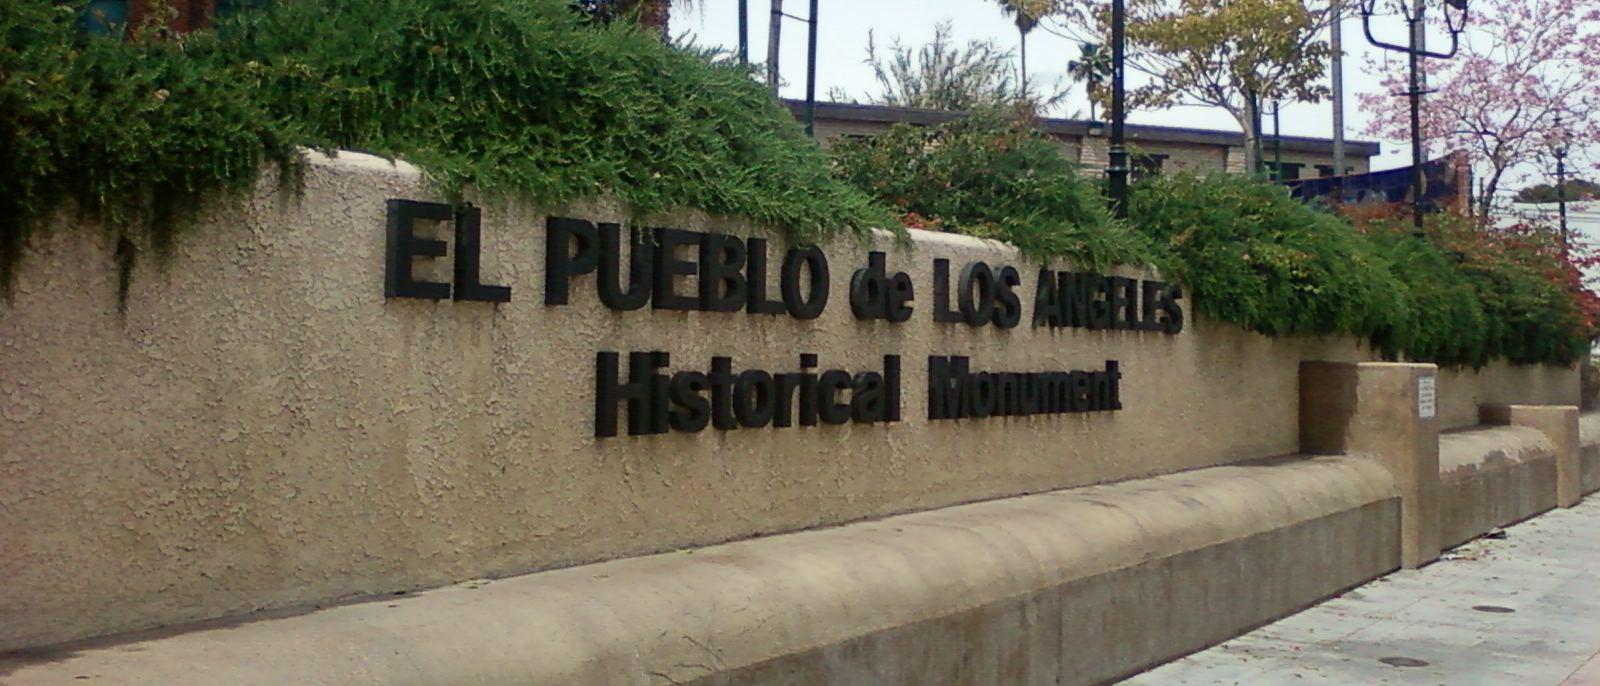 El Pueblo de Los Angeles Sign